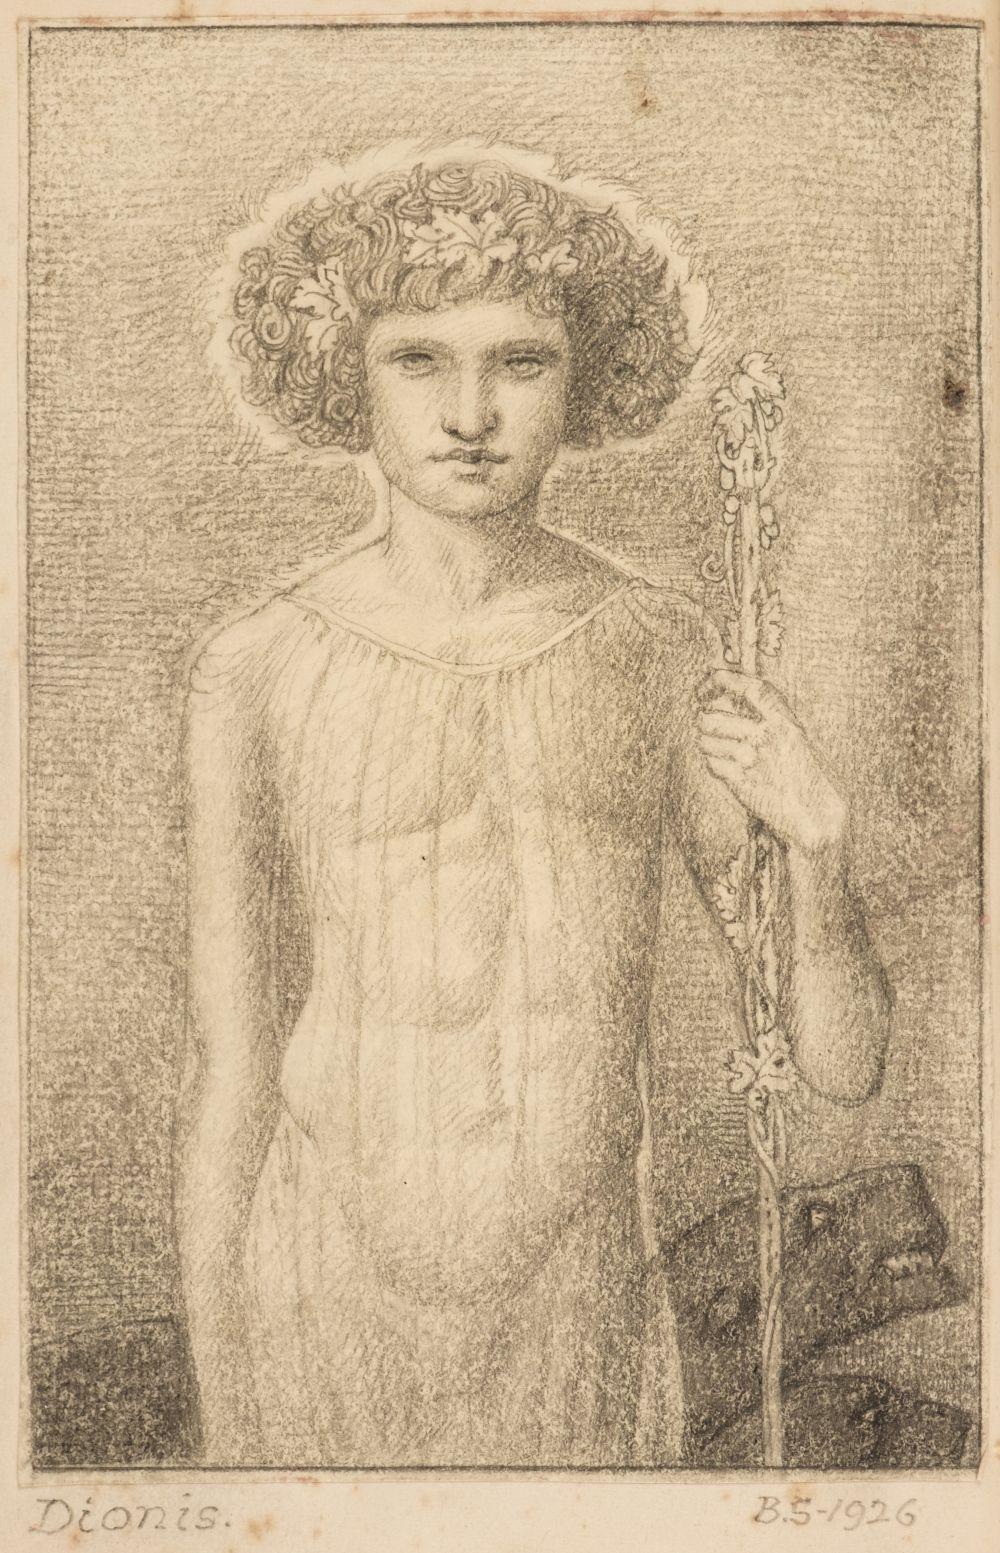 Sleigh (Bernard). The Gates of Horn, 1926